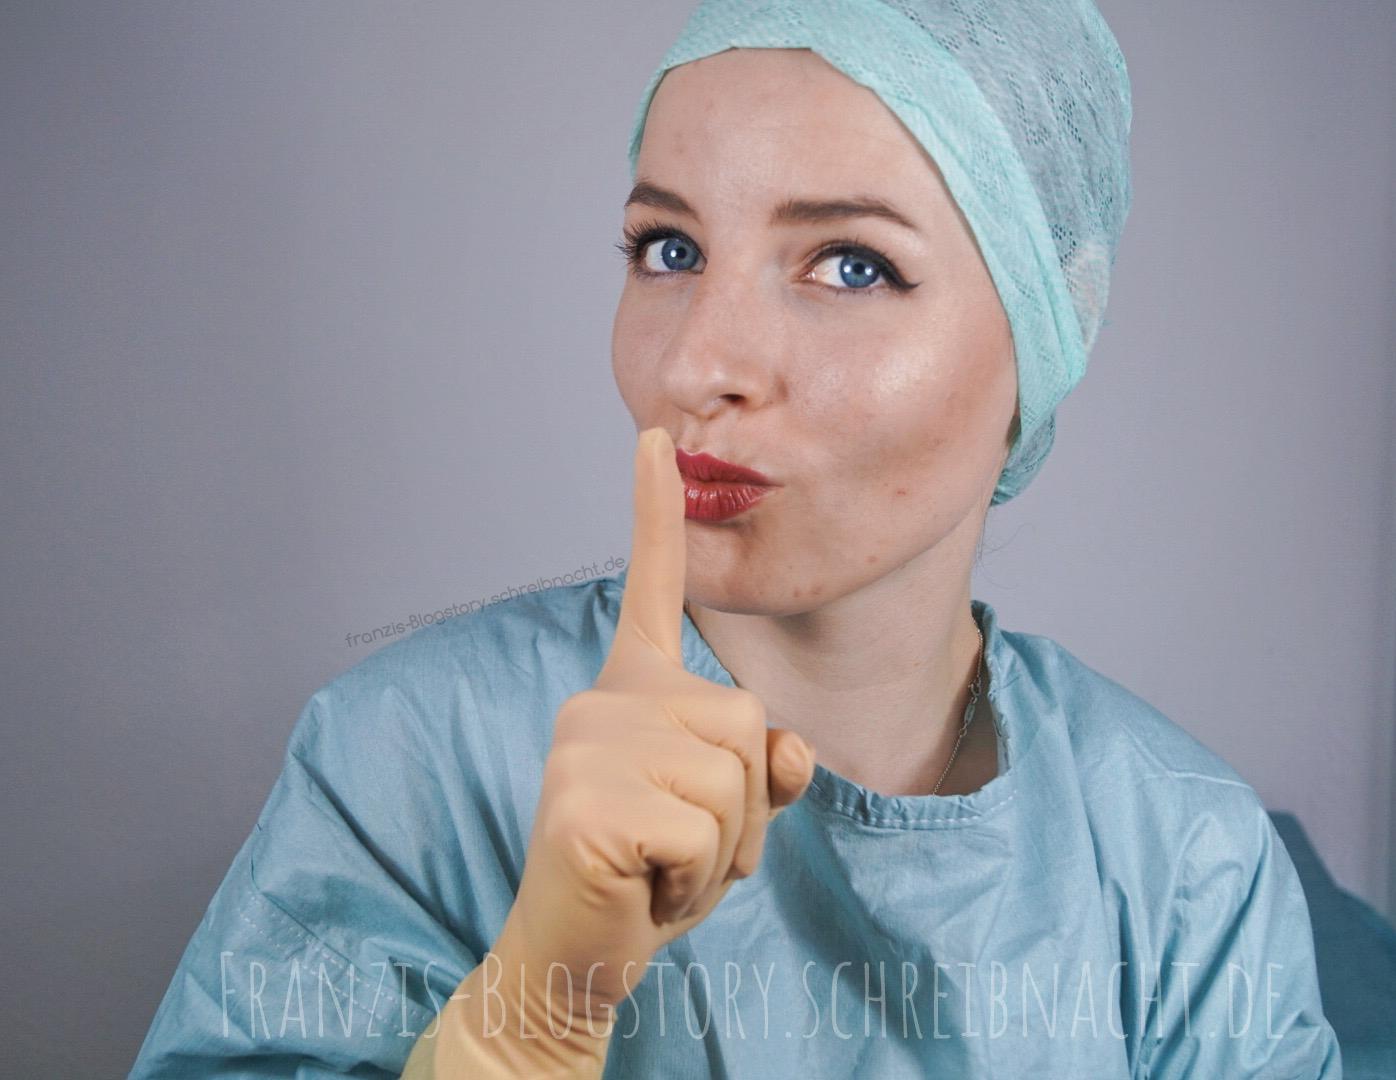 Pssst: Habt Ihr schon mal von diesen Vorurteilen zu (OP-) Pflegekräften gehört? franzis-Blogstory.schreibnacht.de